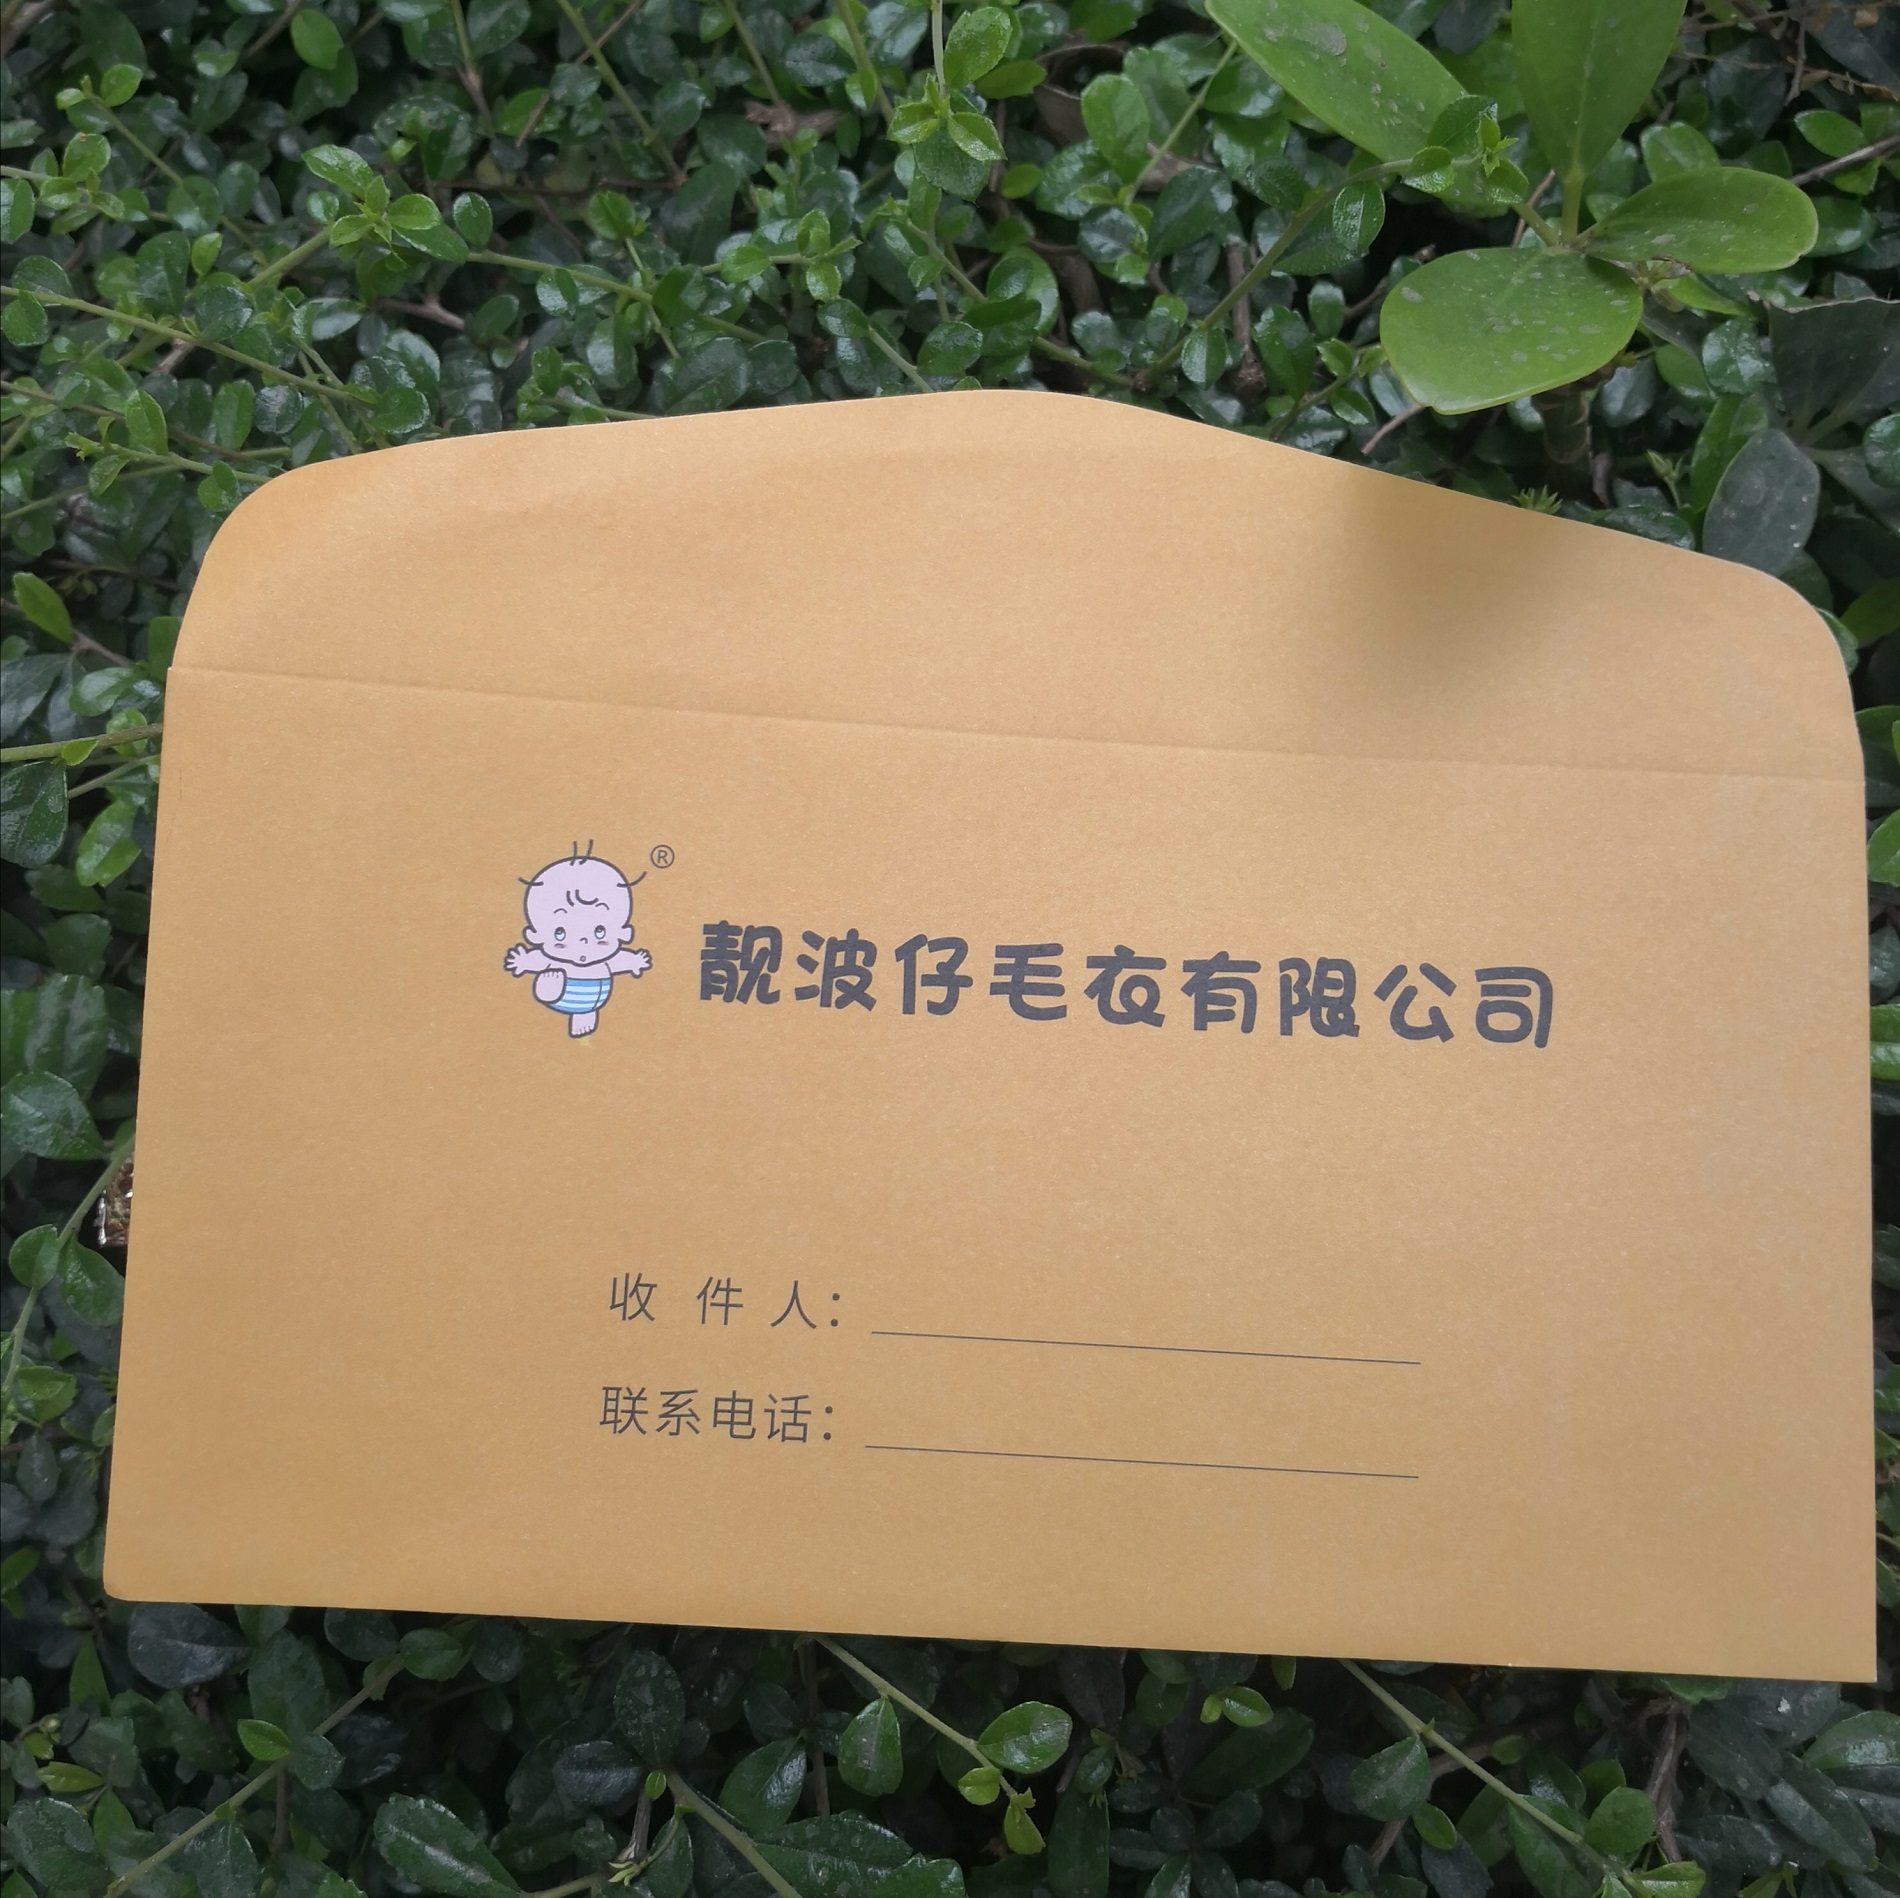 常州小信封印刷价格牛皮纸档案档印刷公司厂家直销价格优惠